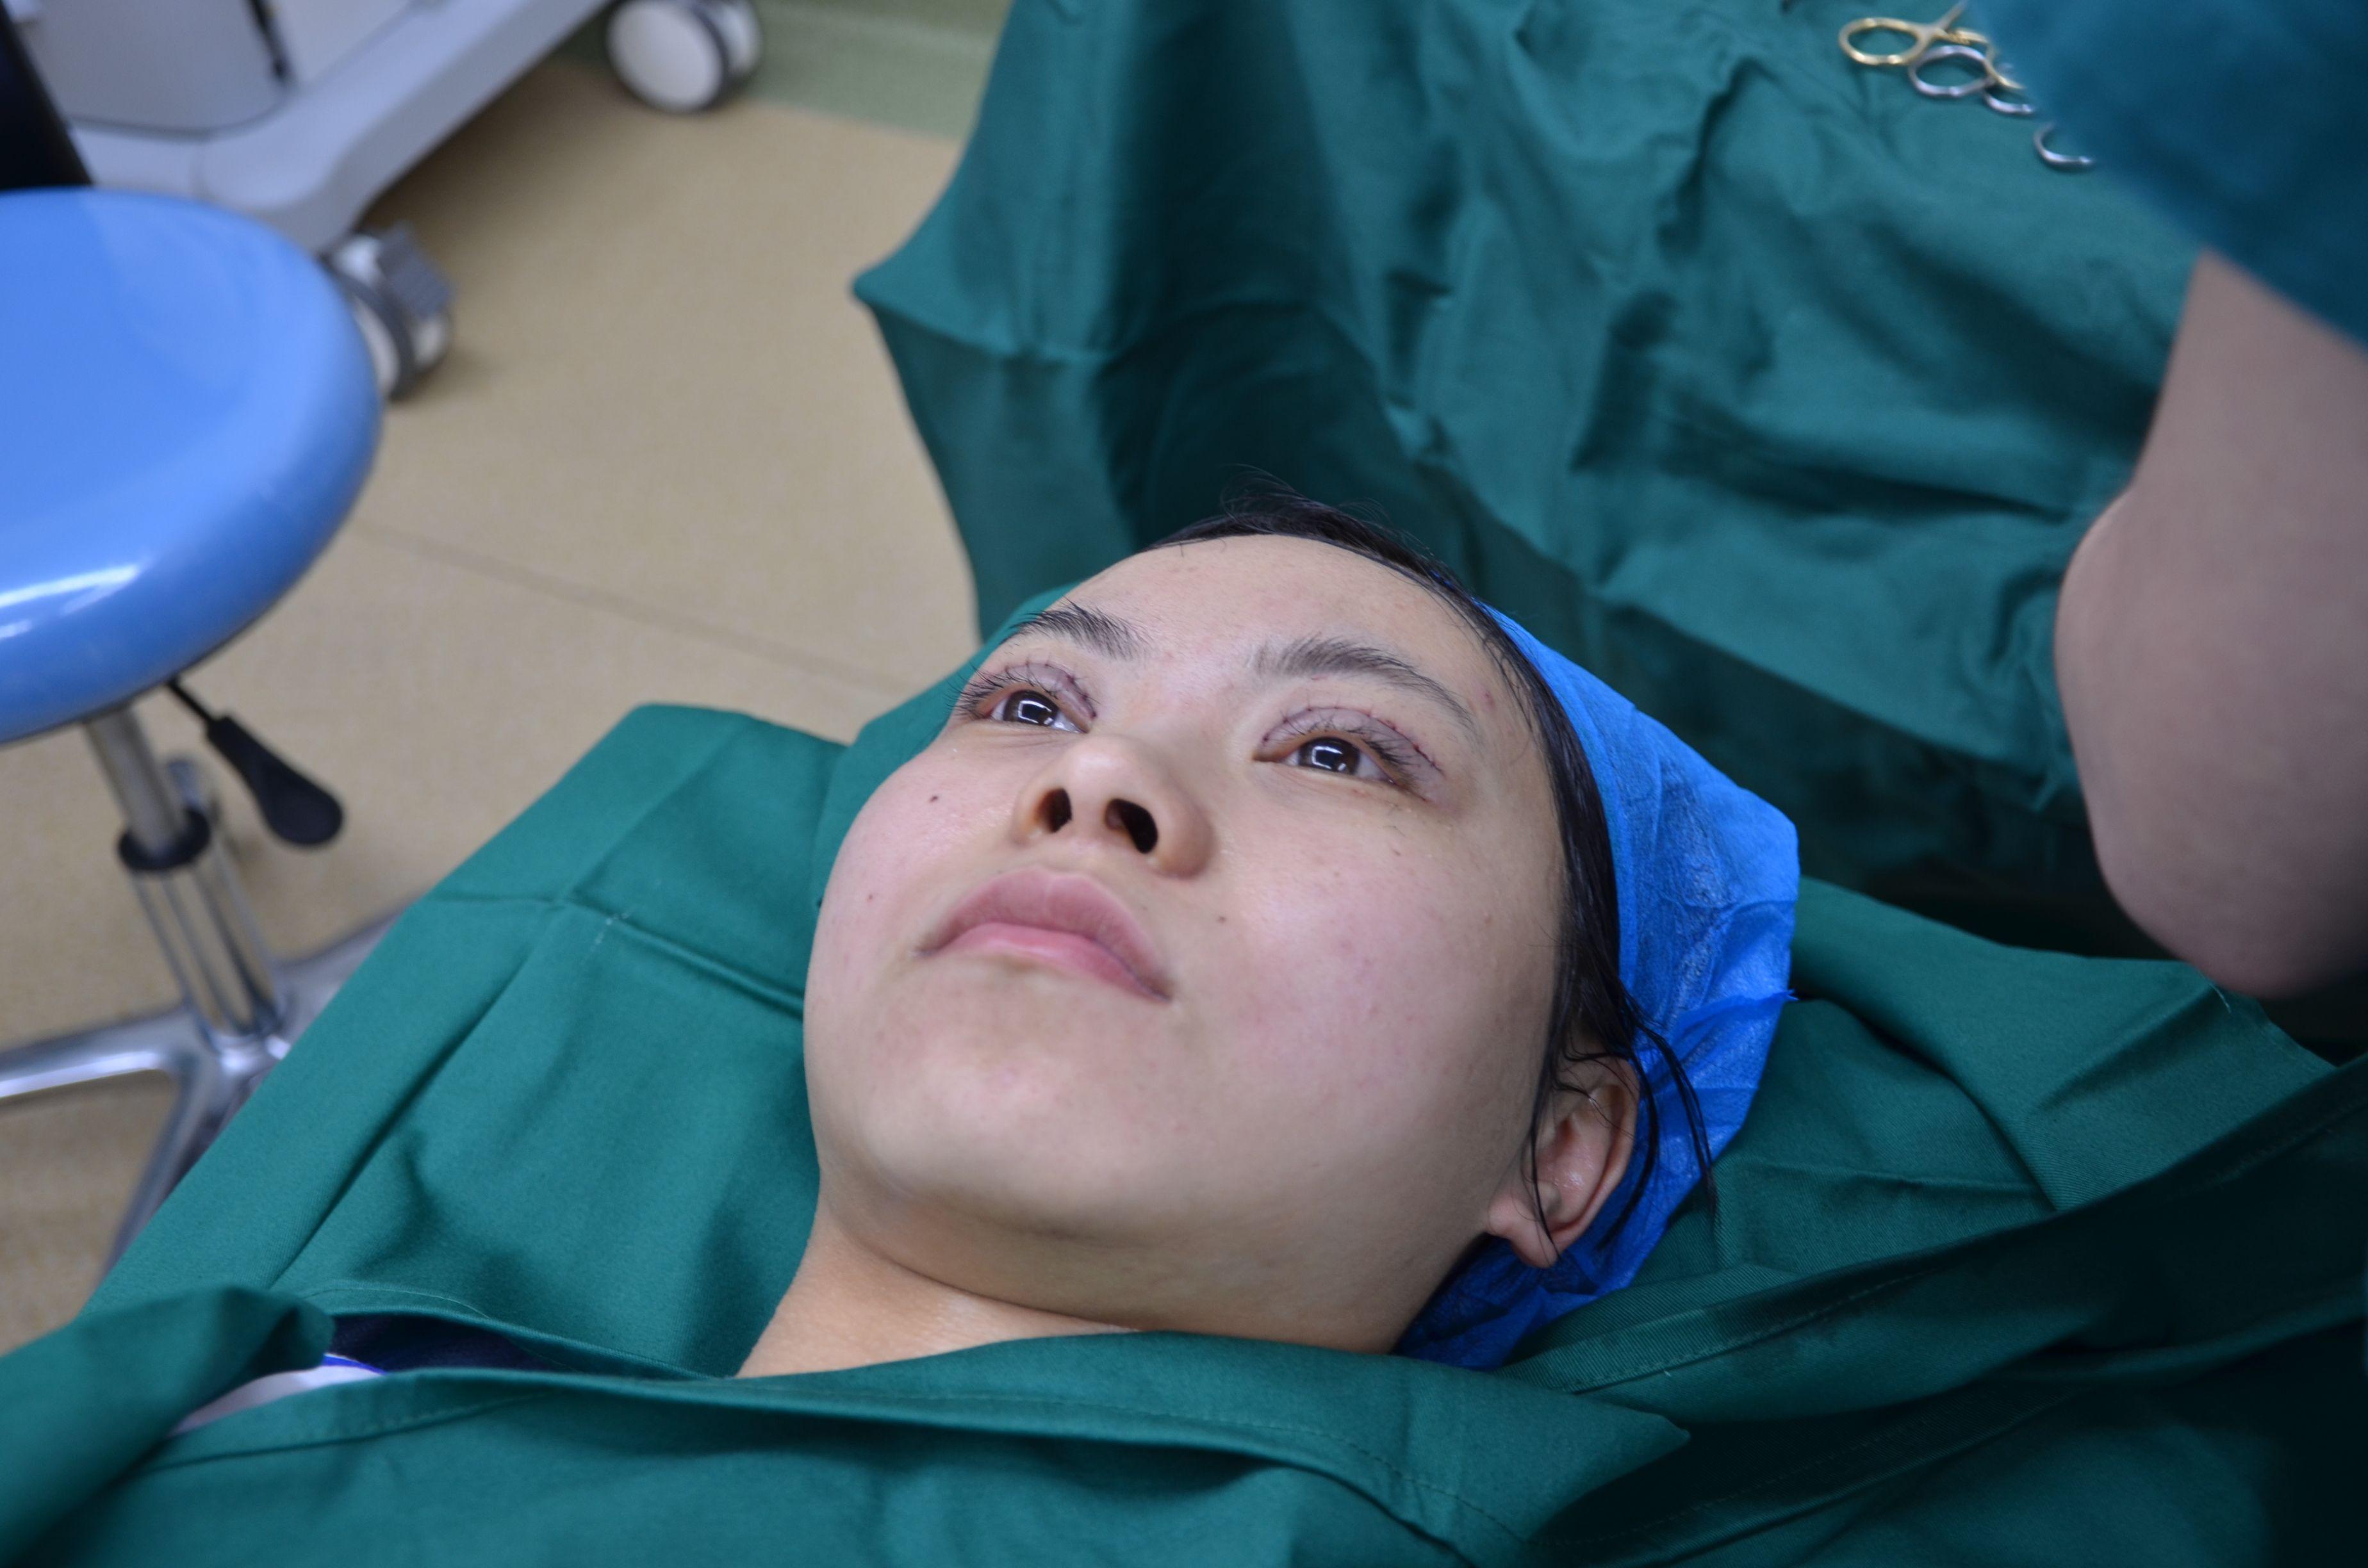 然后进的手术室,我自己感觉整个过程做双眼皮的时候除了打麻药的时候